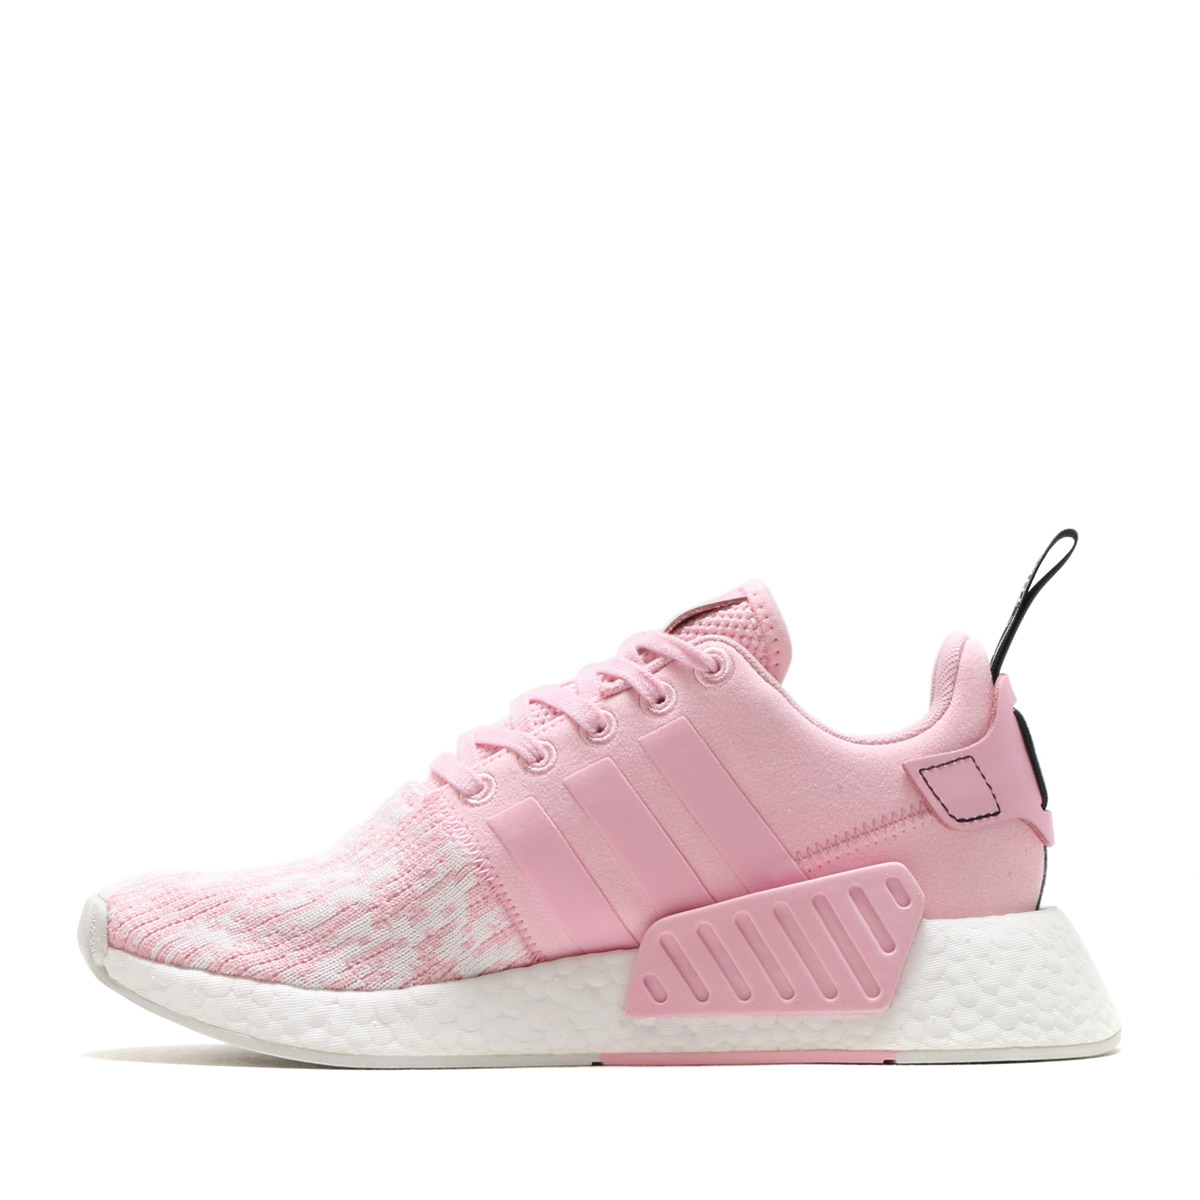 Adidas Nmd R2 Mujeres De Color Rosa r2hx8c